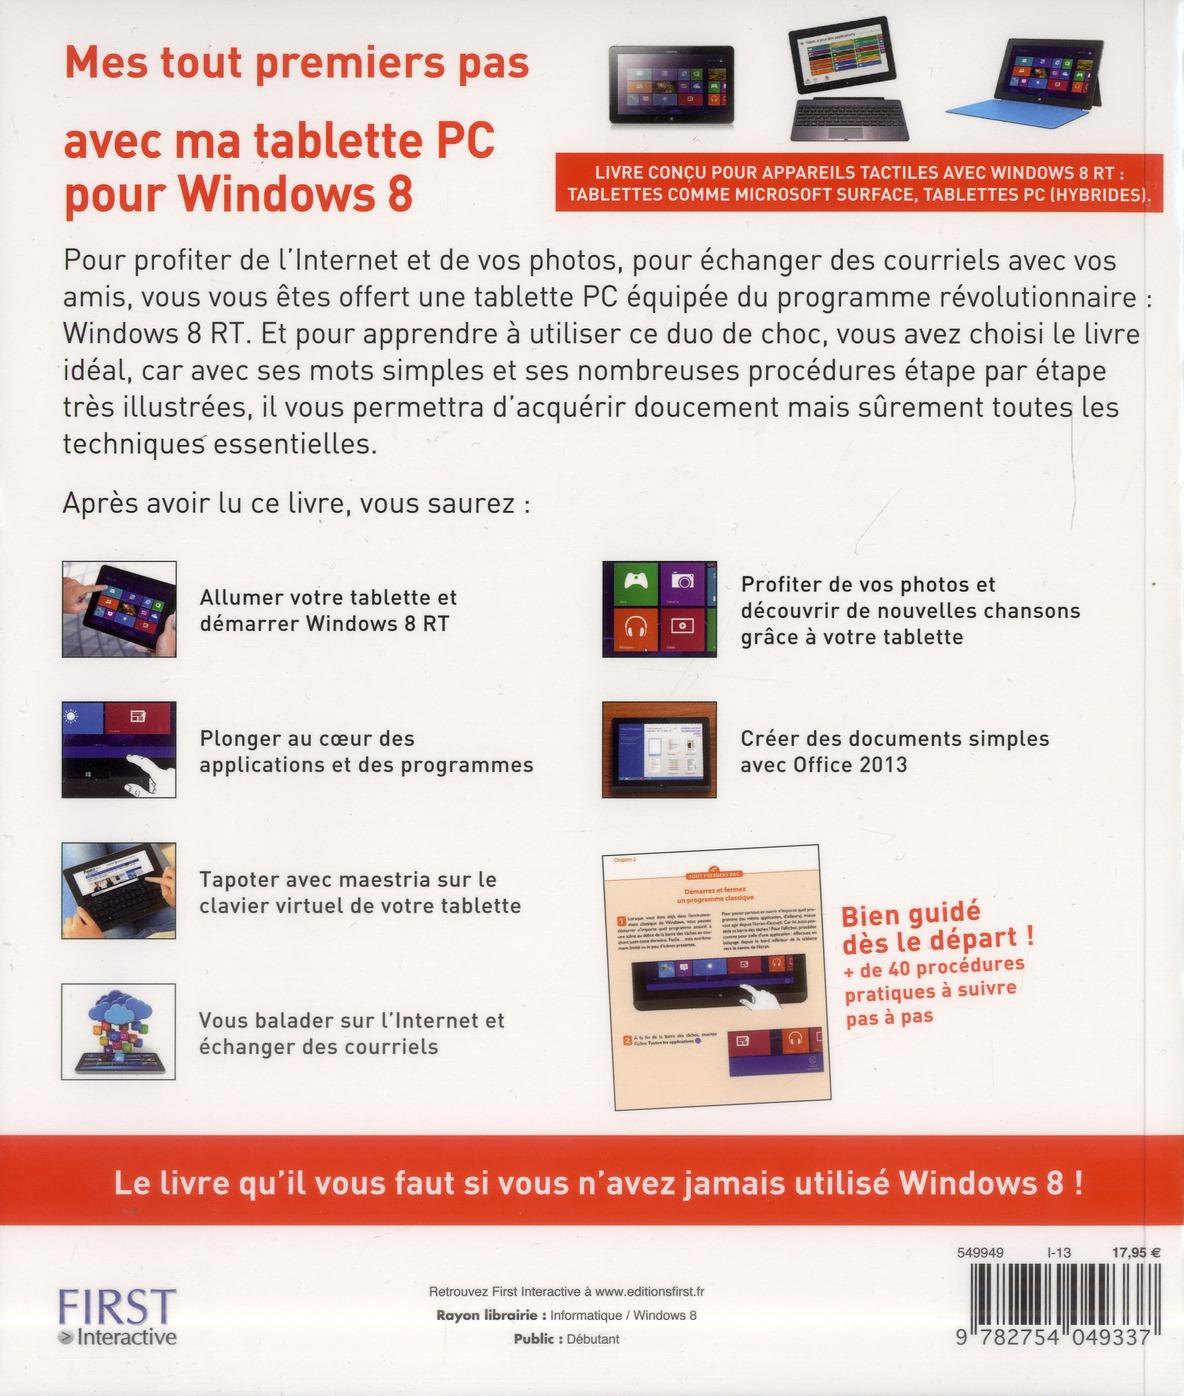 Mes tout premiers pas avec ma tablette pc pour windows 8